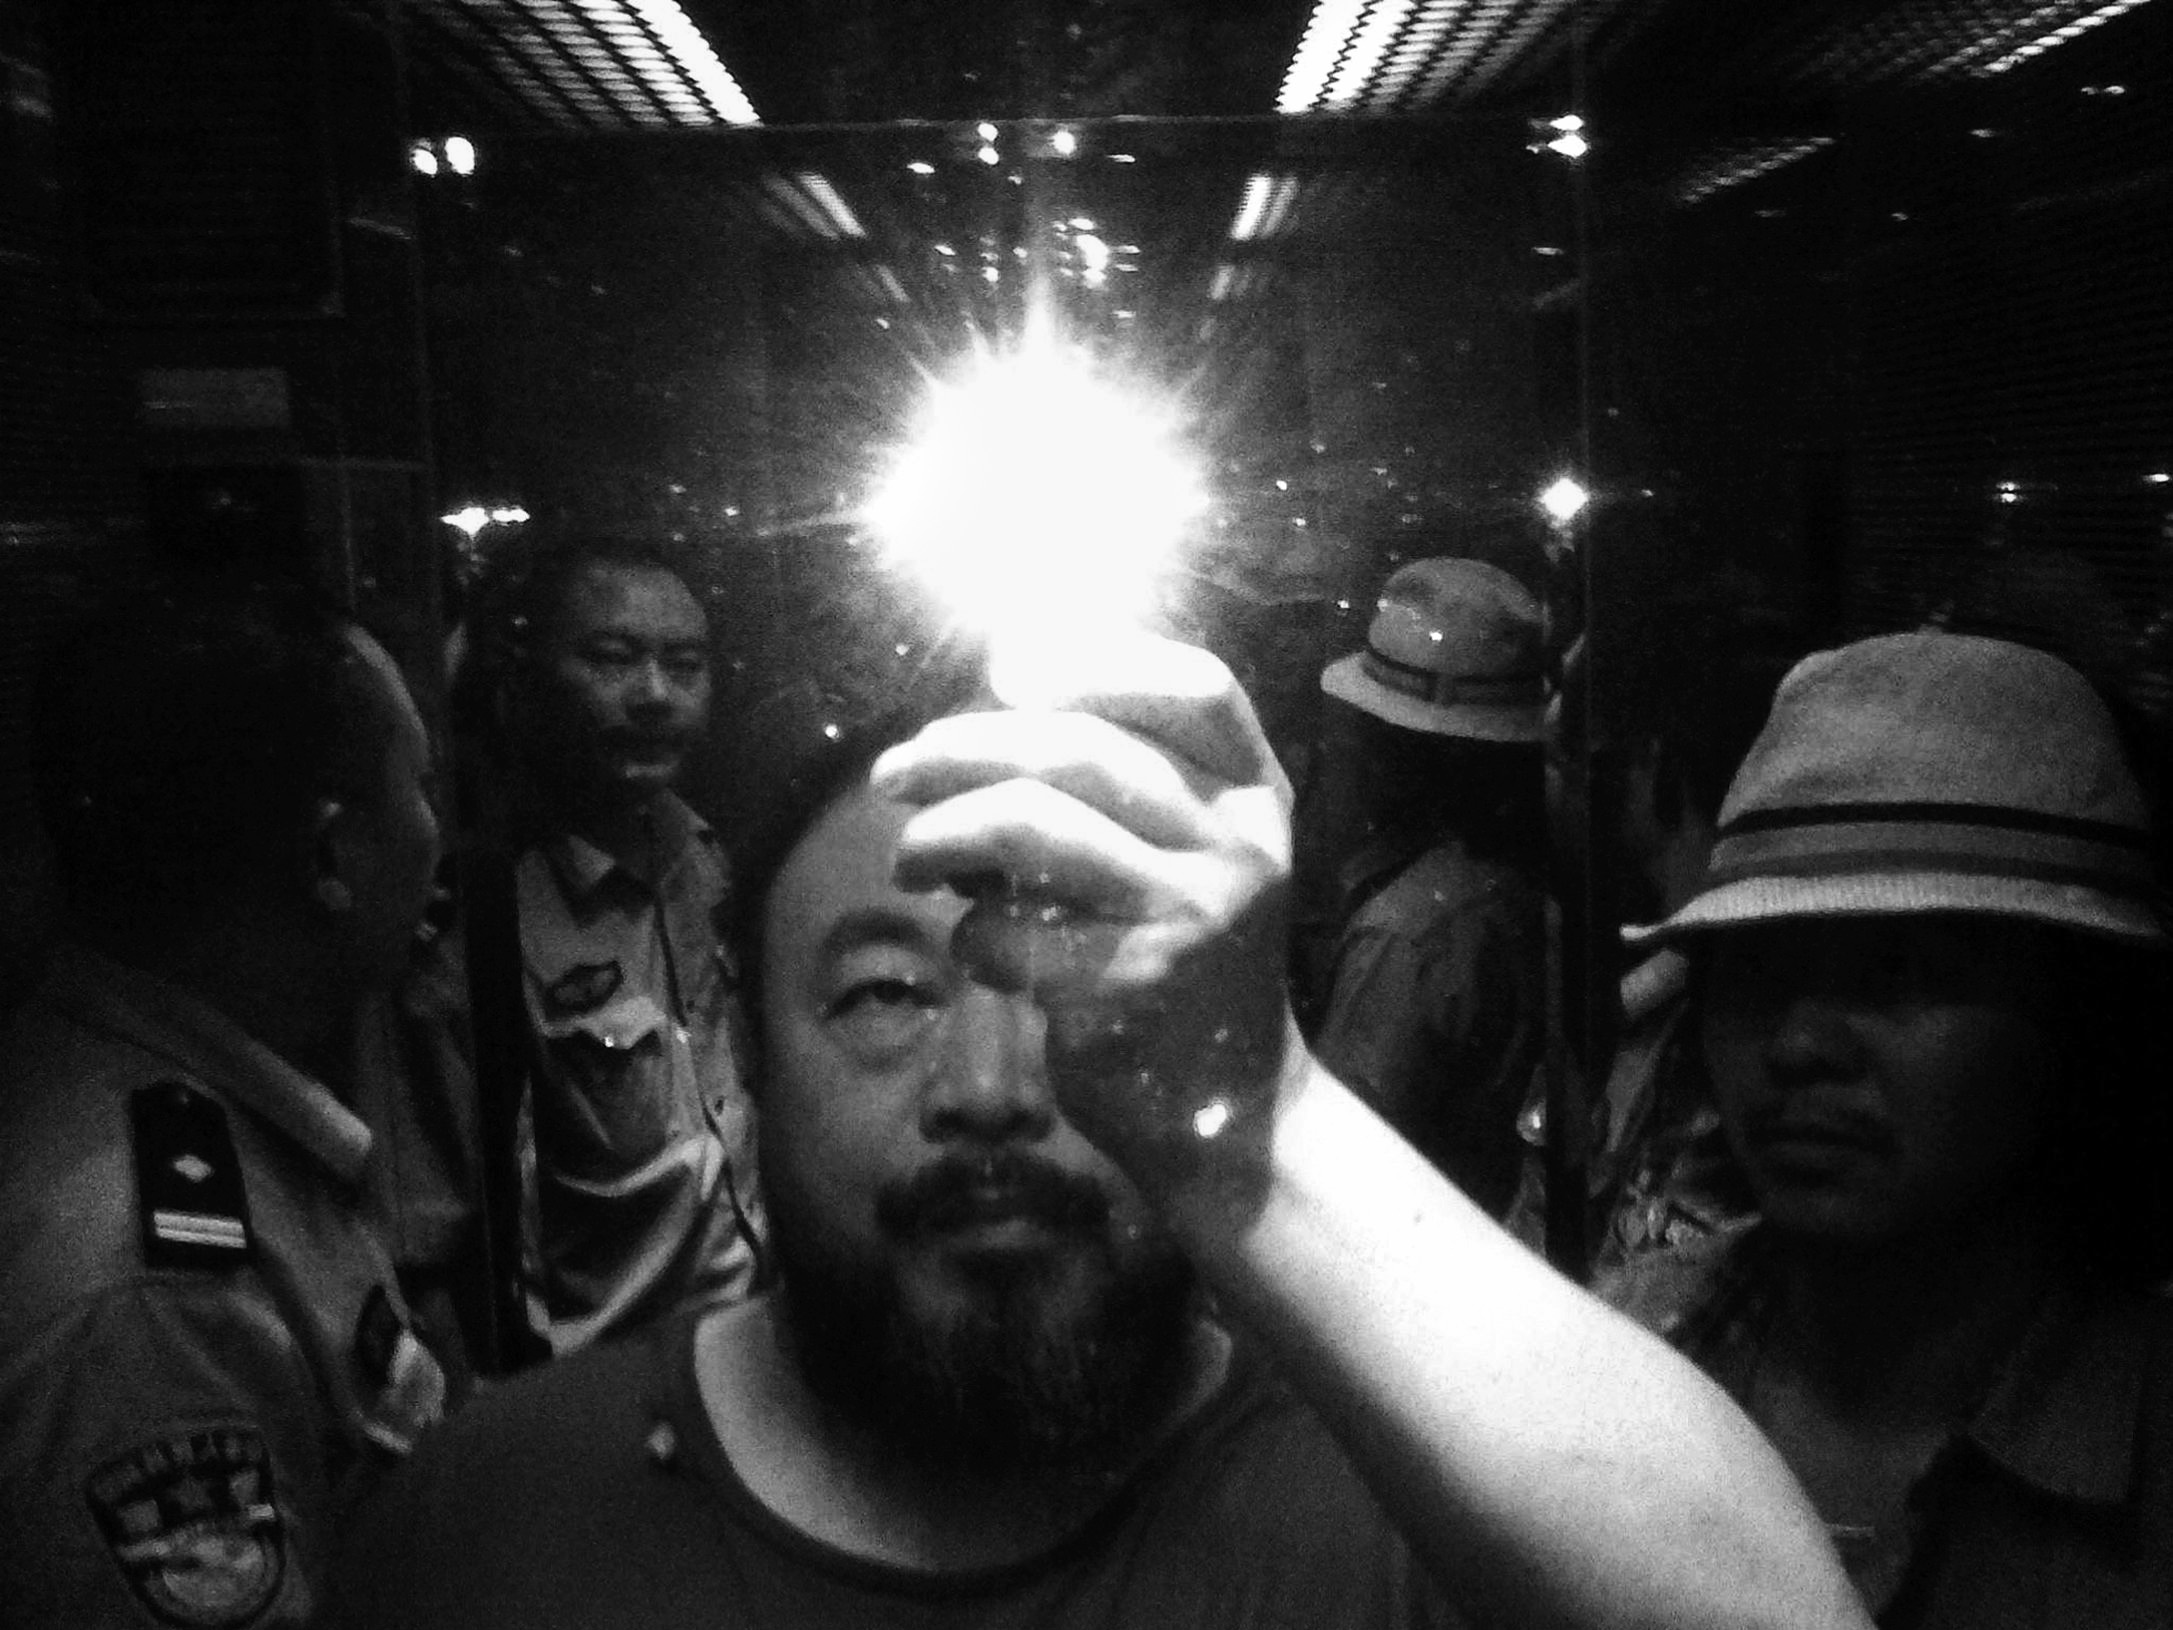 Anteprima Ai Weiwei al MAC di Lissone